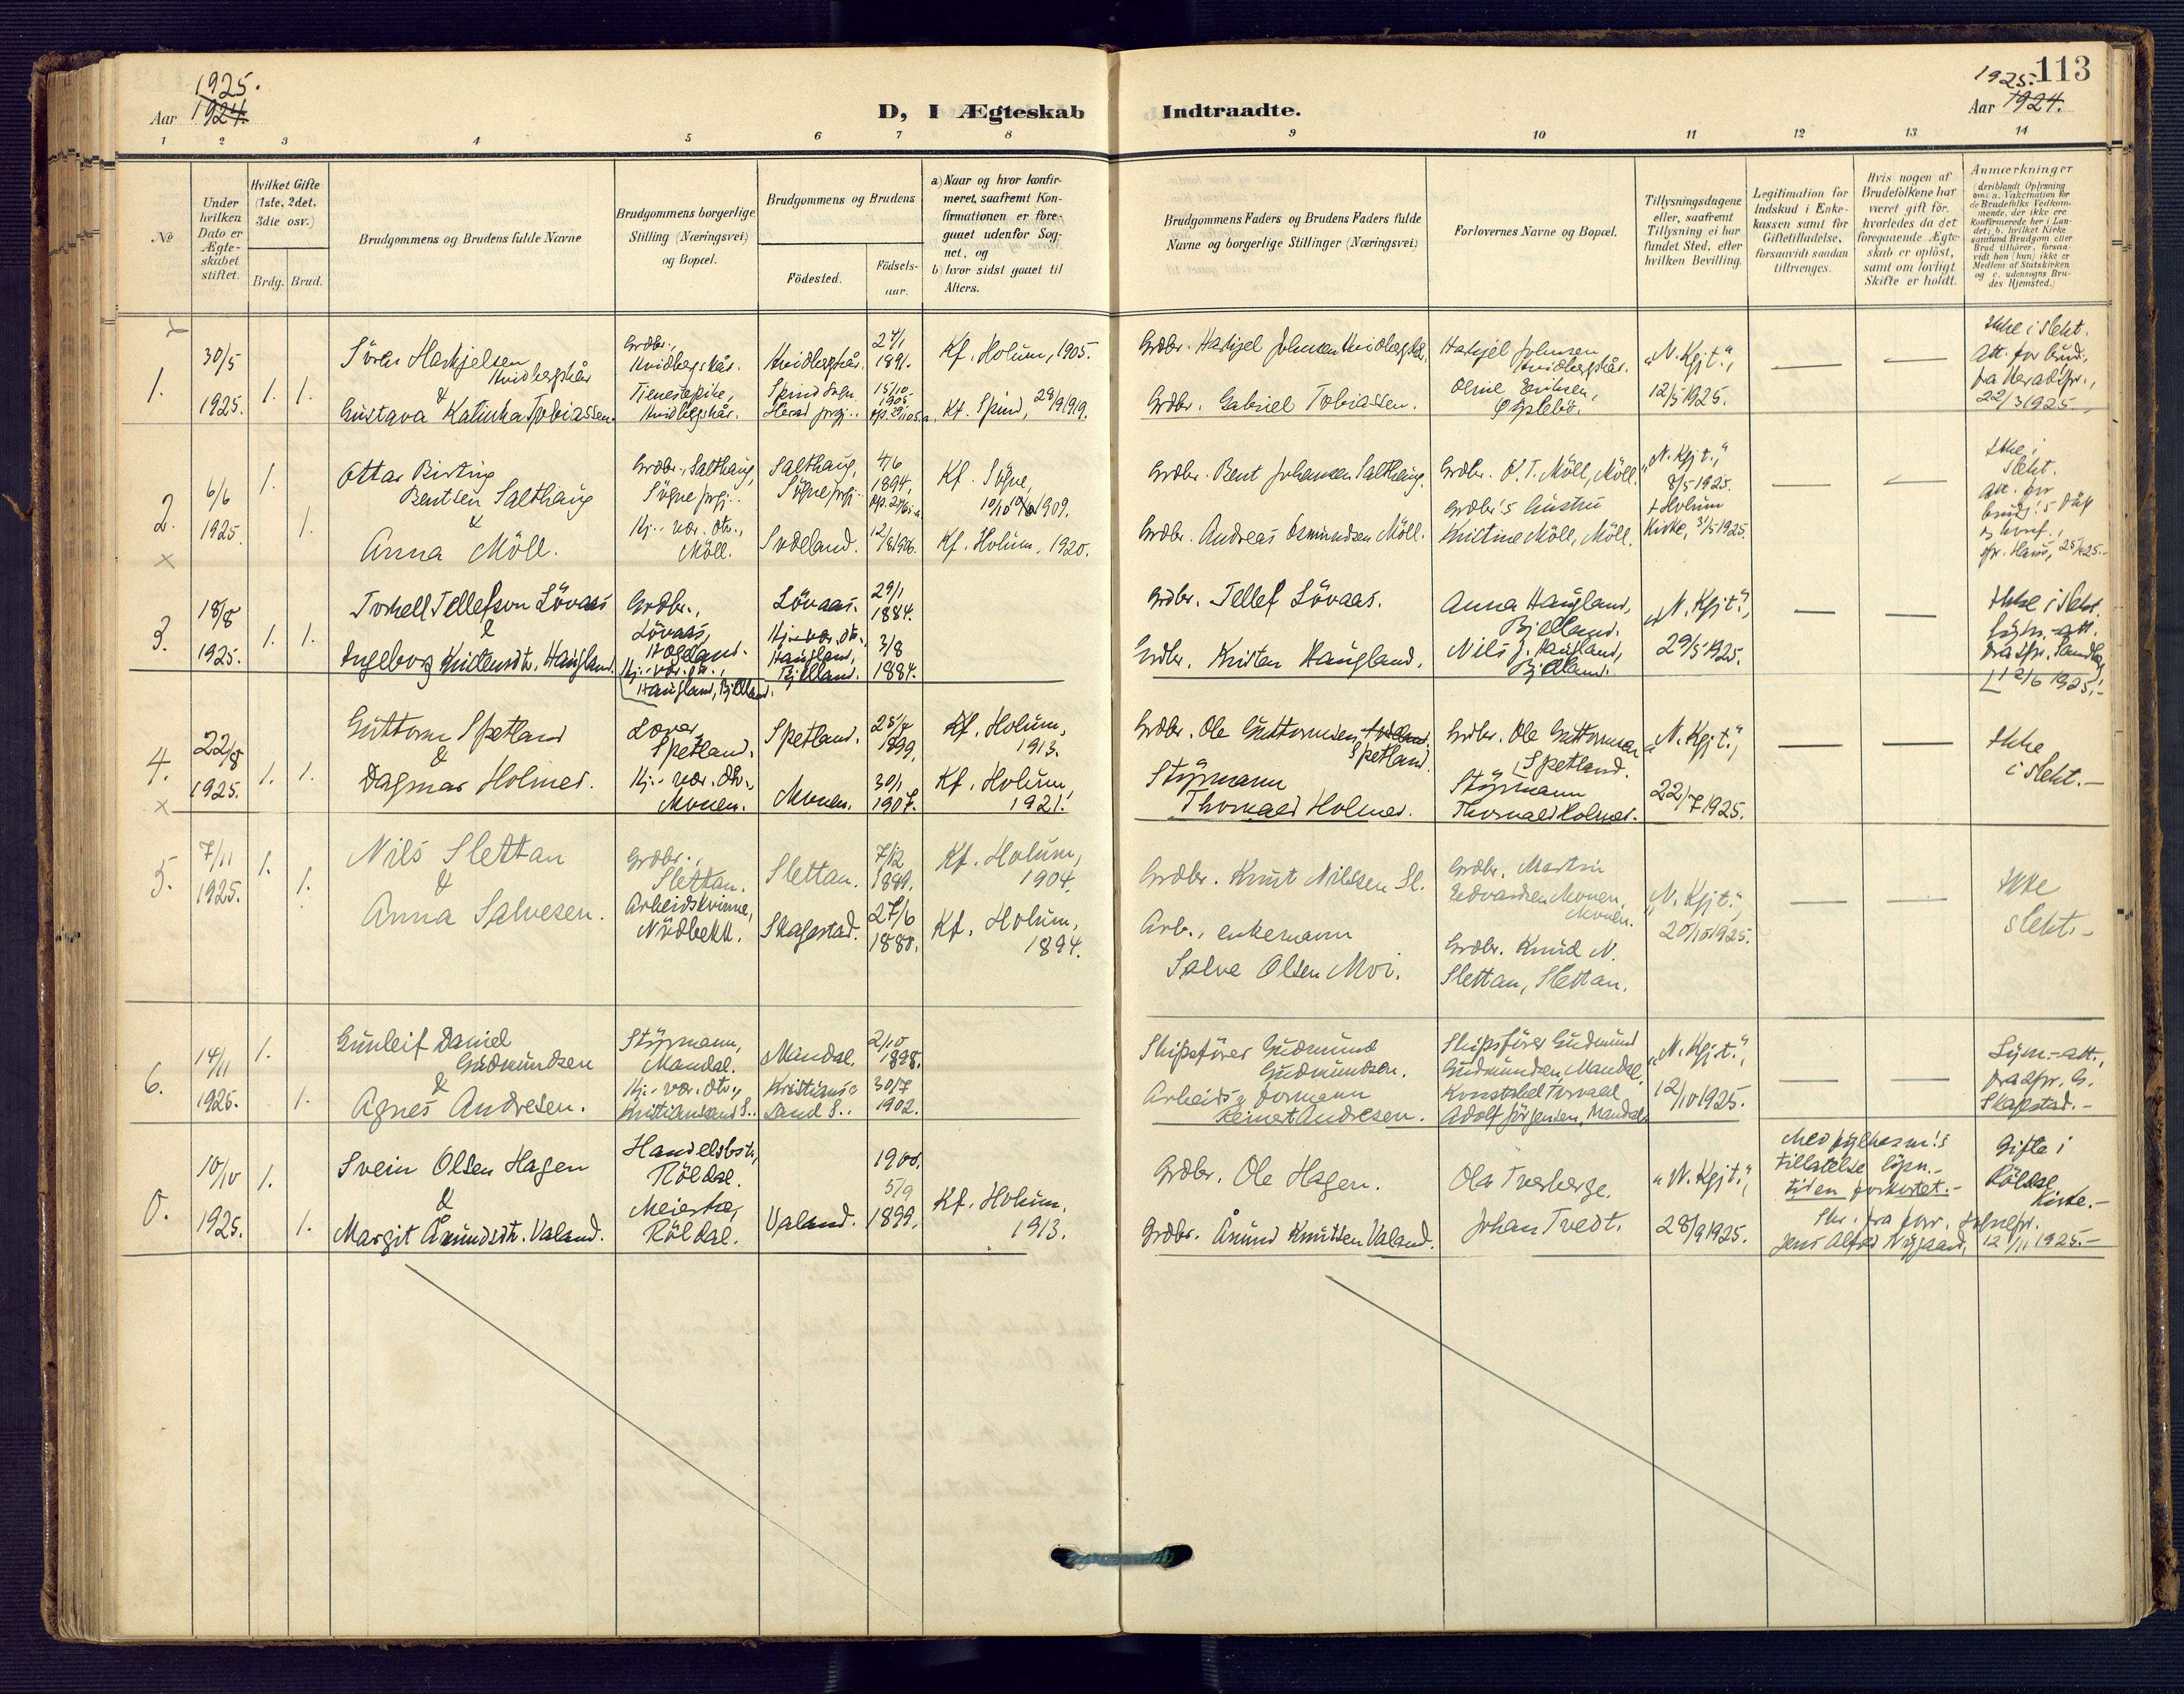 SAK, Holum sokneprestkontor, F/Fa/Faa/L0008: Ministerialbok nr. A 8, 1908-1929, s. 113